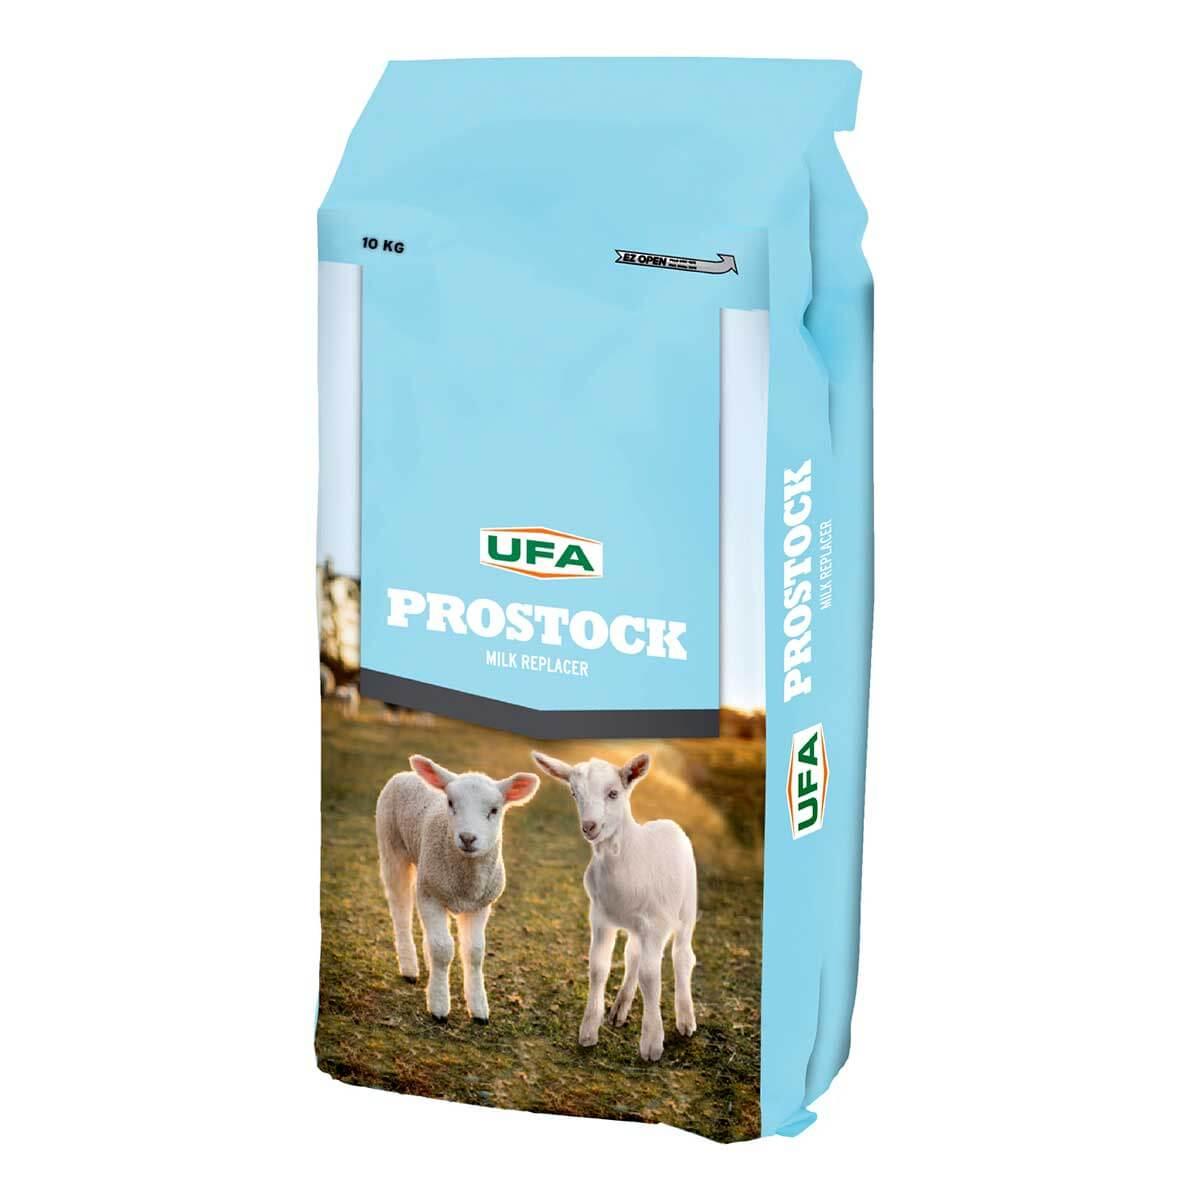 Lamb Milk Replacer - 10 kg